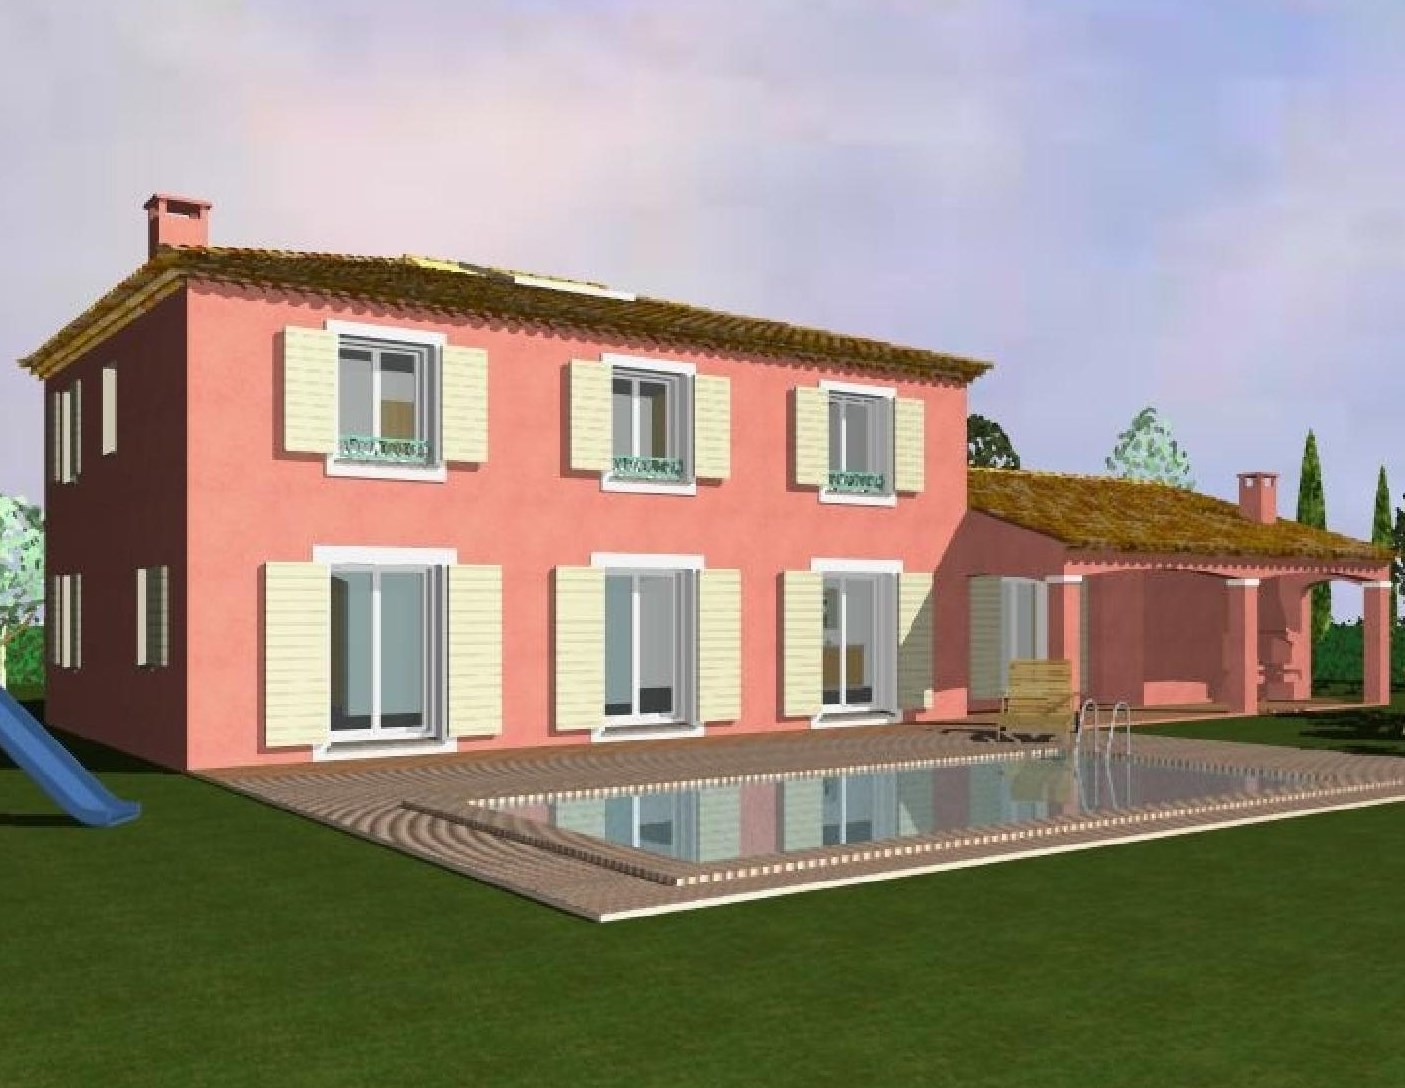 Plan de maison contemporaine aix en provence - Plan maison provencale gratuit ...